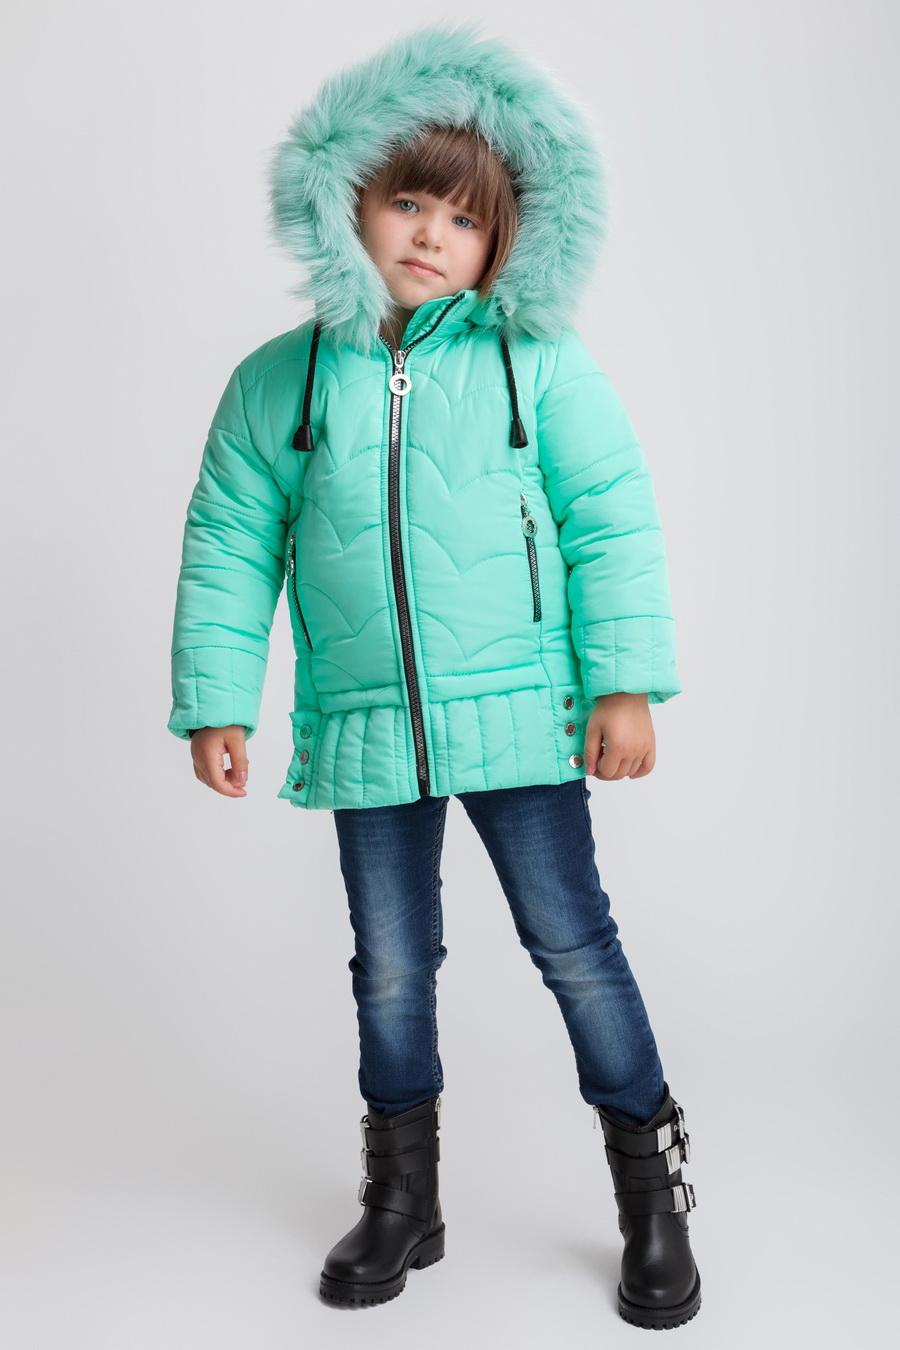 Купить Зимнюю Одежду Недорого